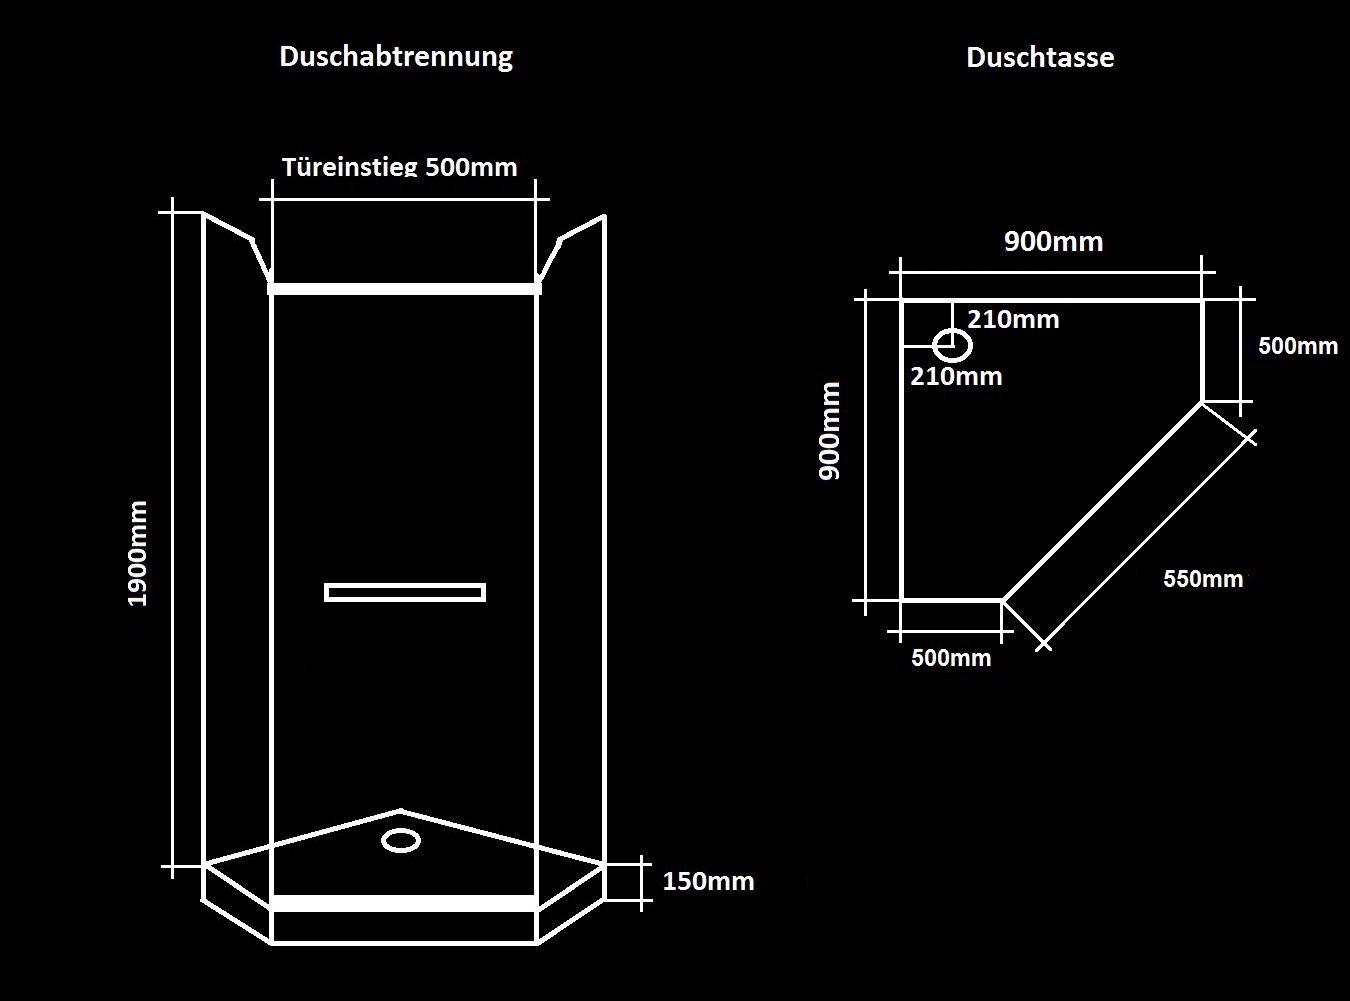 Ablaufgarnitur Dusche Reinigen : Dusche Duschwand 8mm Duschtasse Ablaufgarnitur 8900 eBay